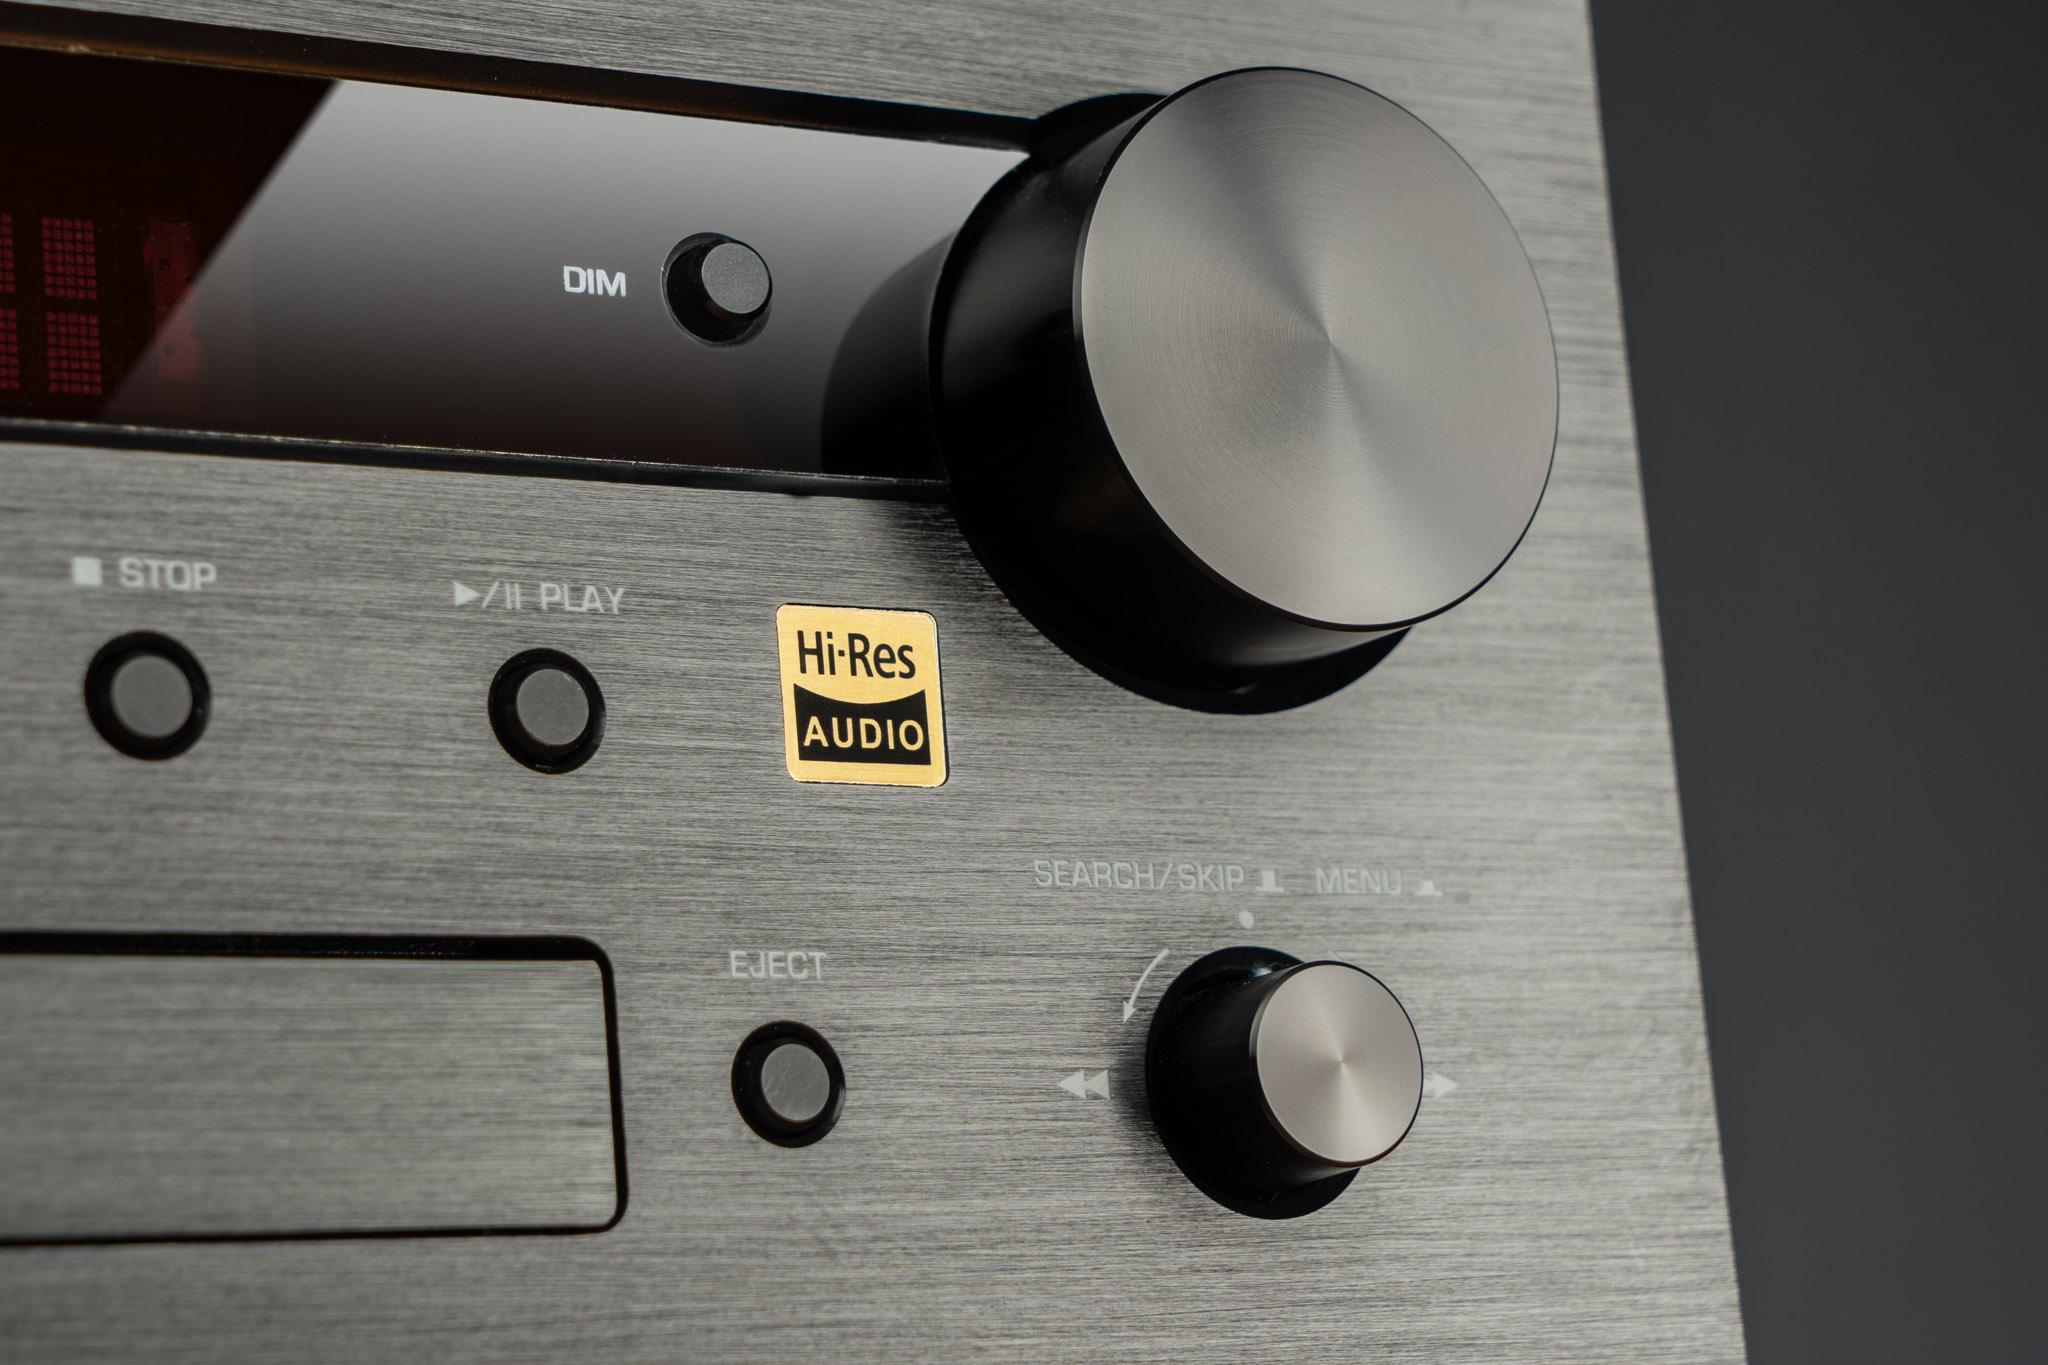 Der edle Look des MC 100 kombiniert gebürstetes Aluminium mit eleganten Bedienelementen.